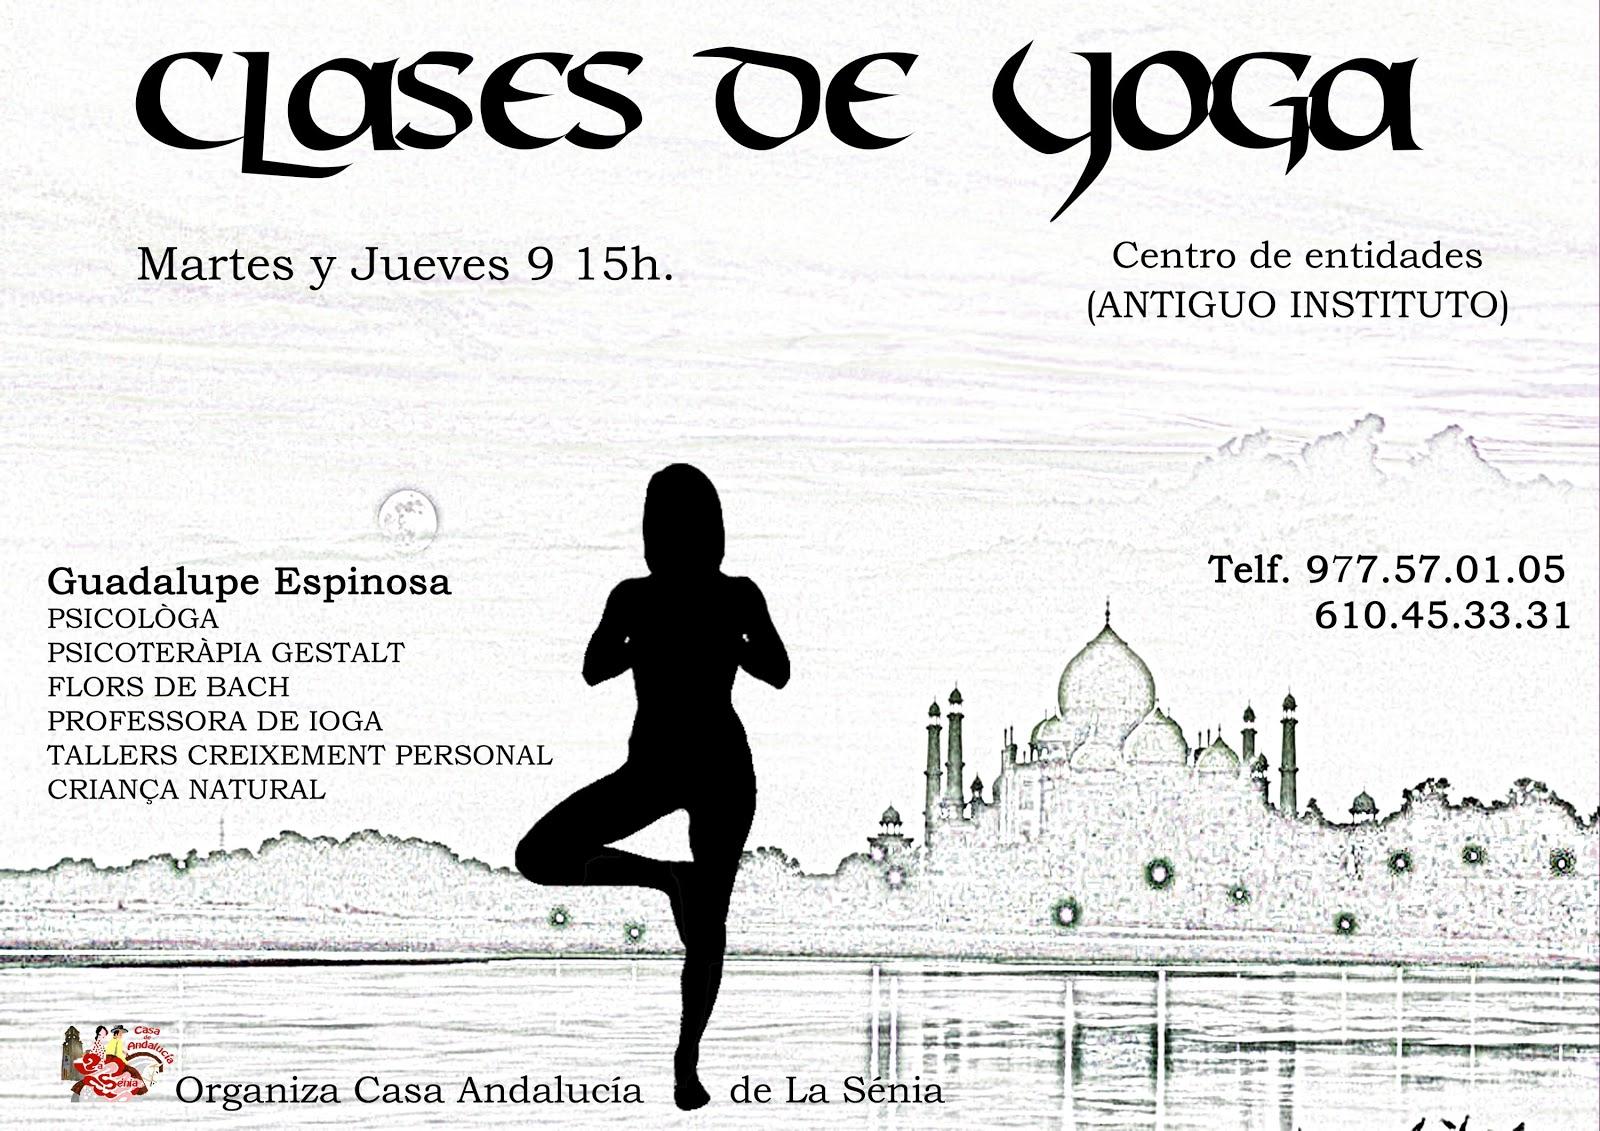 Casa de andaluc a la s nia curso 2012 2013 - Clases de yoga en casa ...